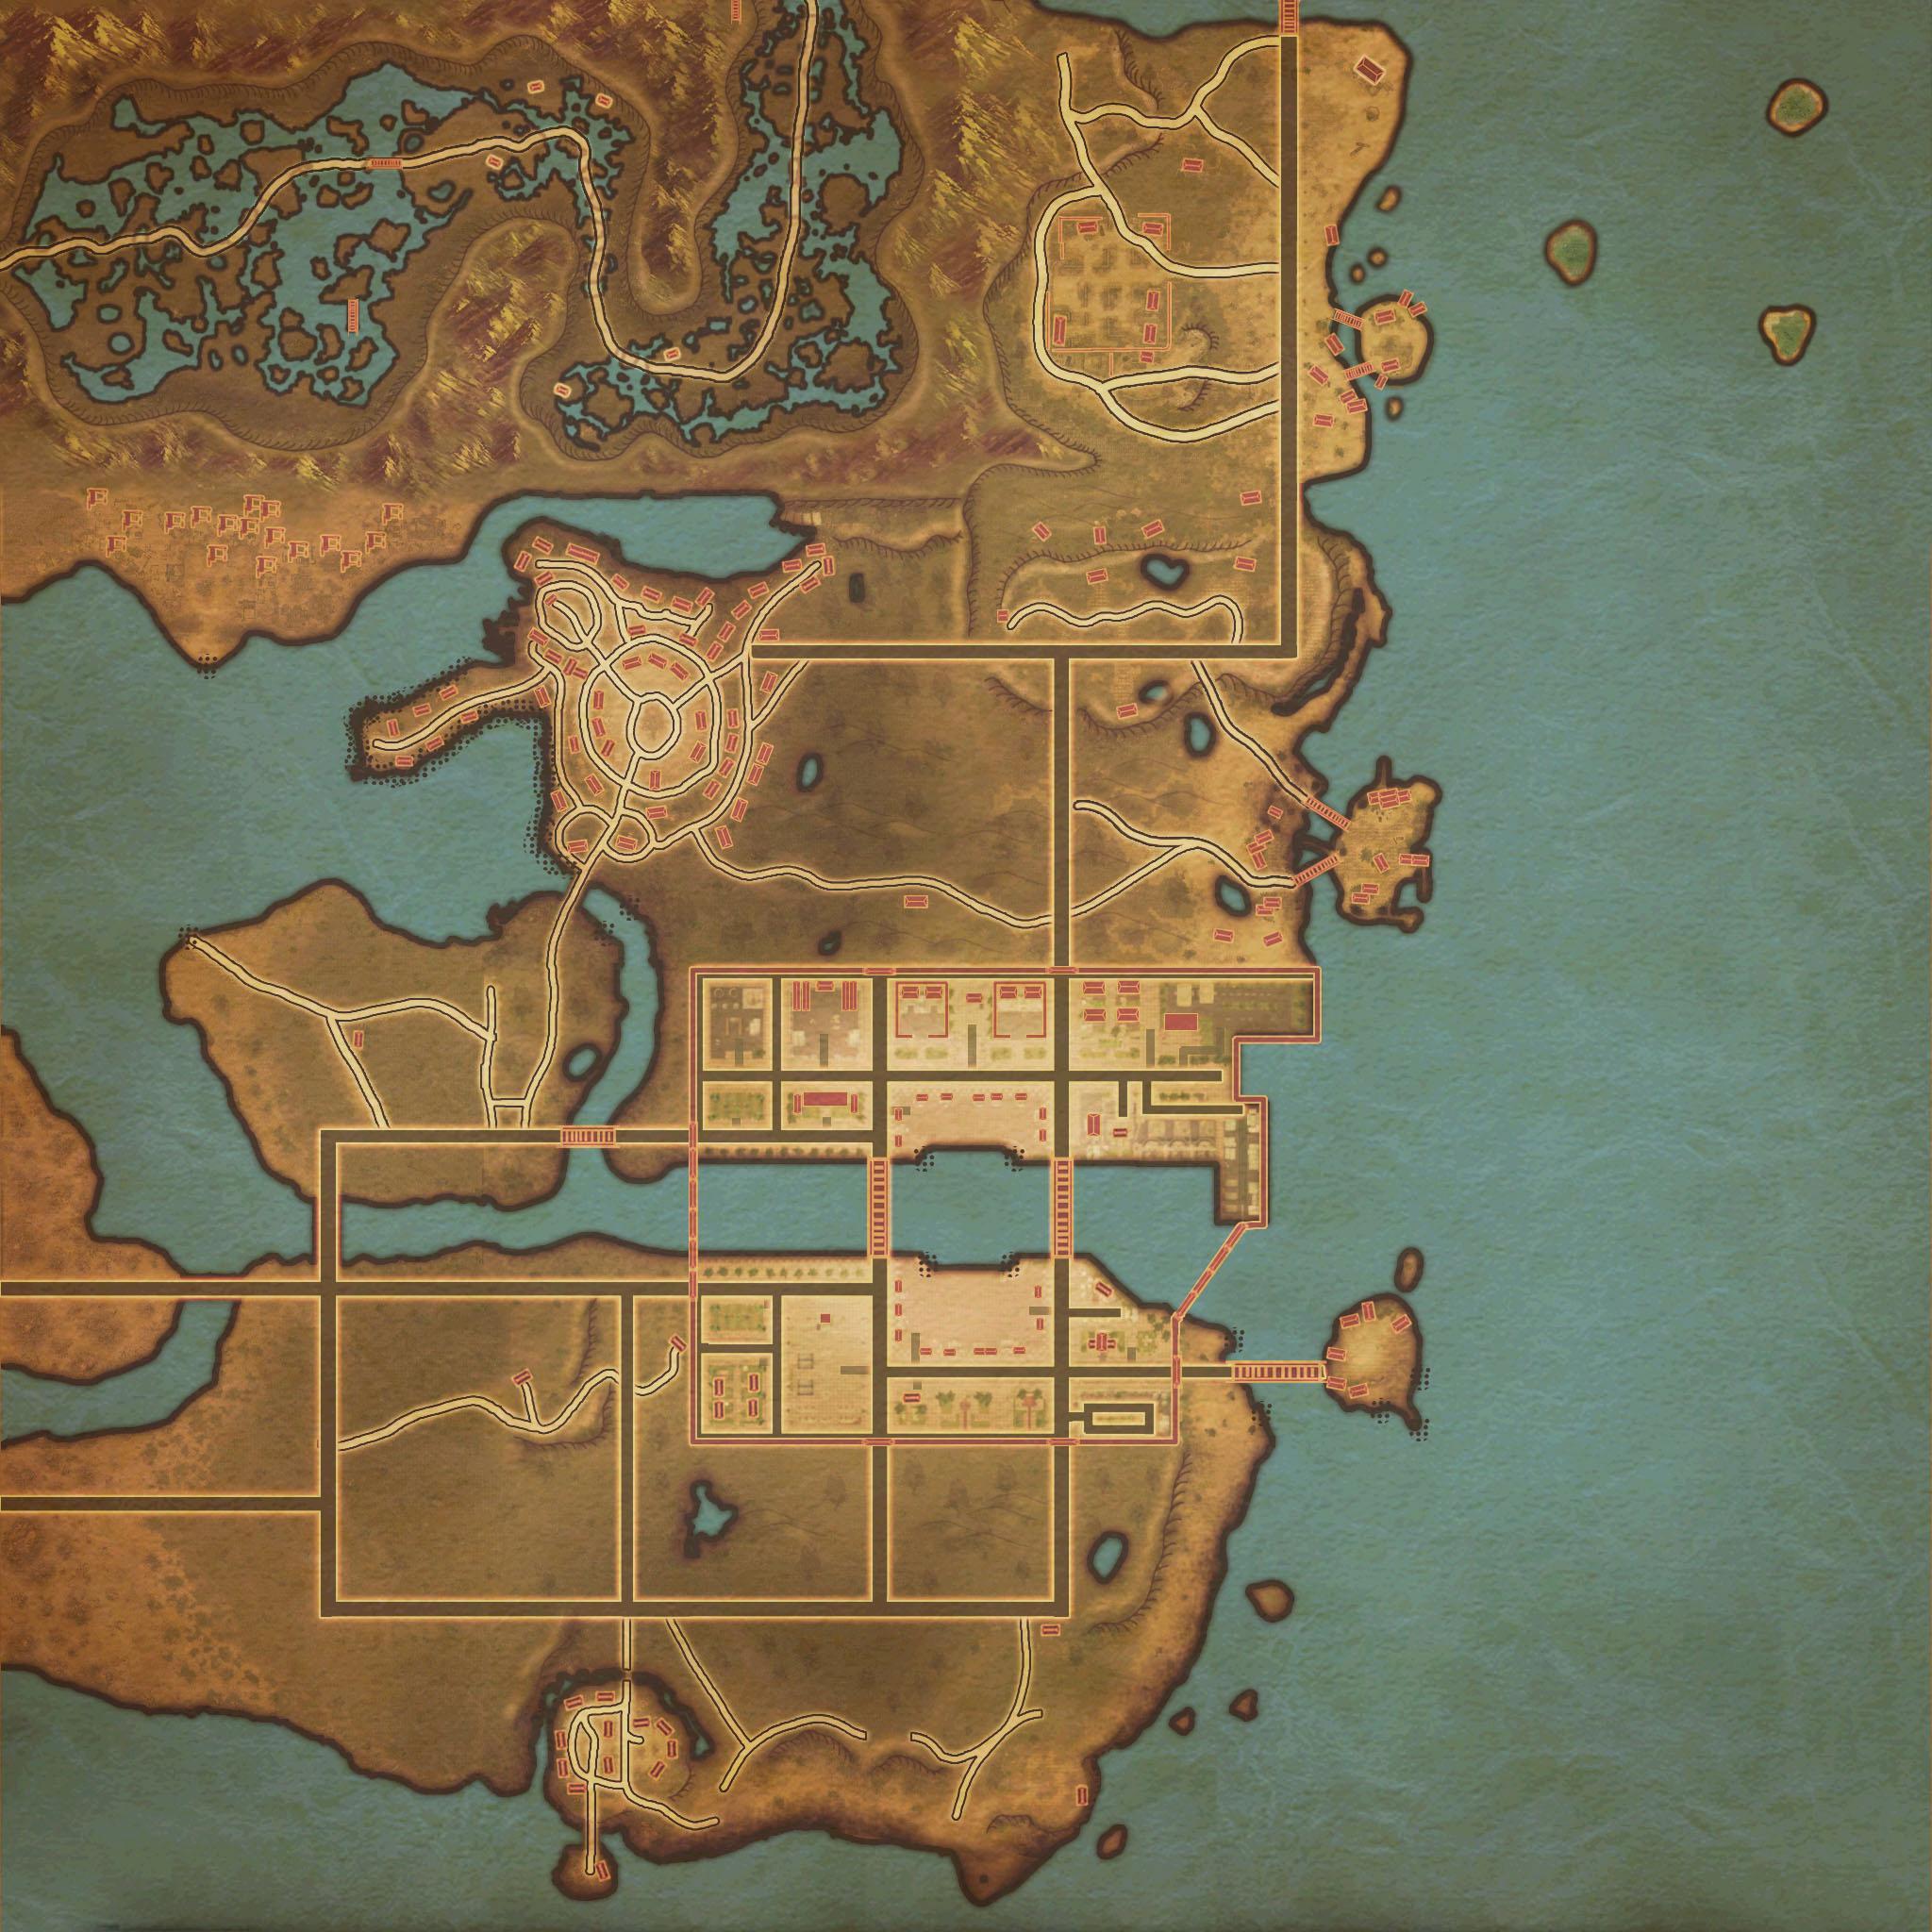 游戏地图——各城镇地图